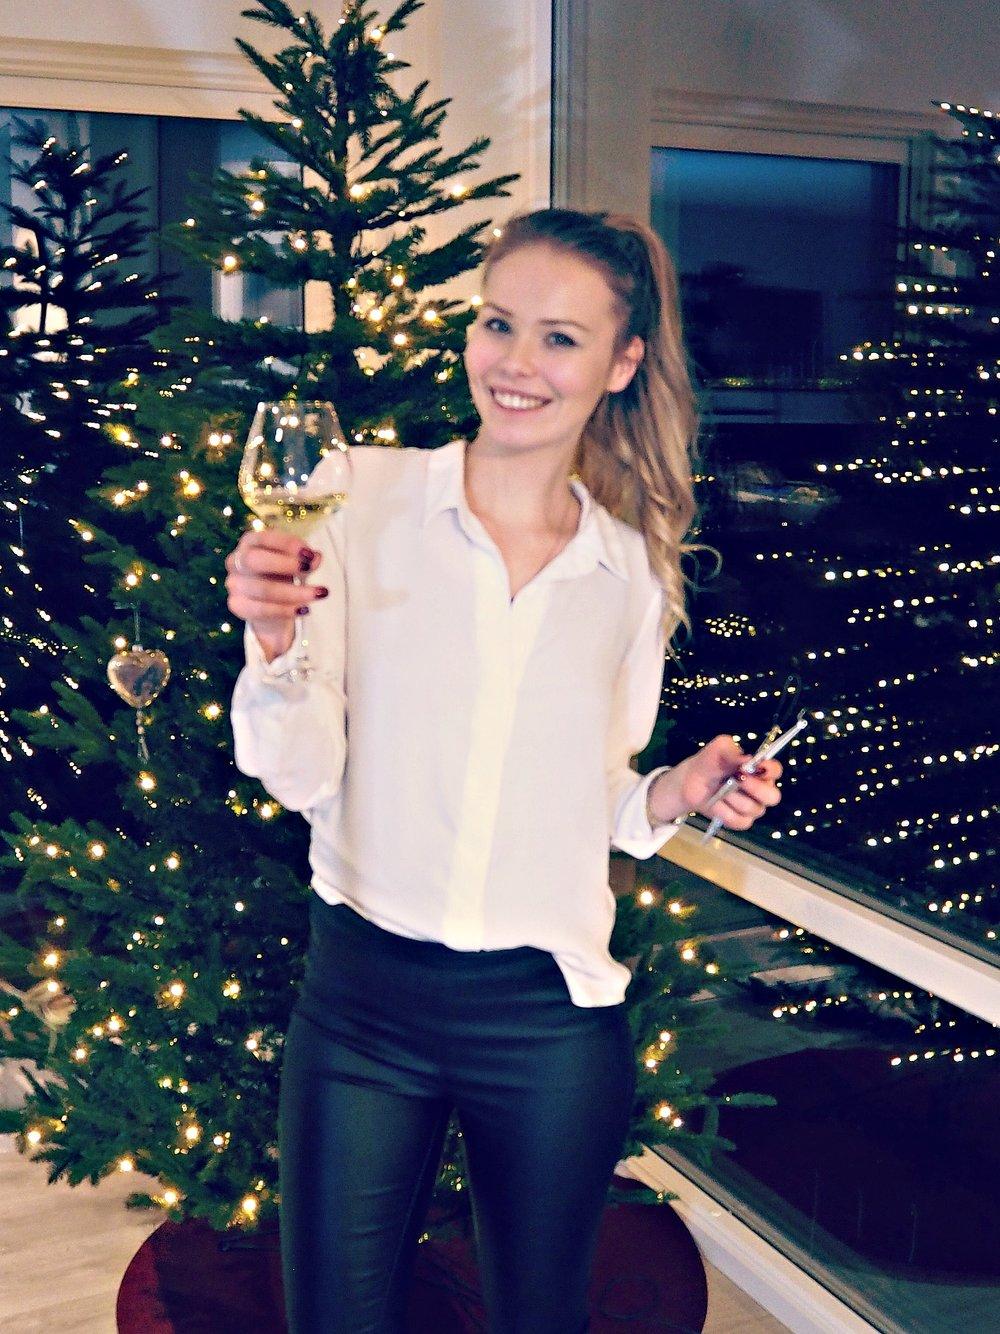 juletrepynting og vin